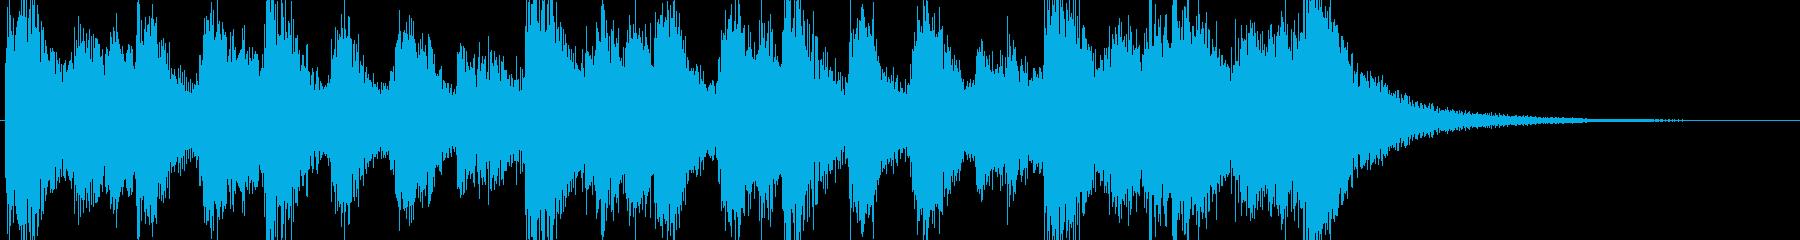 オーケストラ、ファンファーレ、マーチのんの再生済みの波形